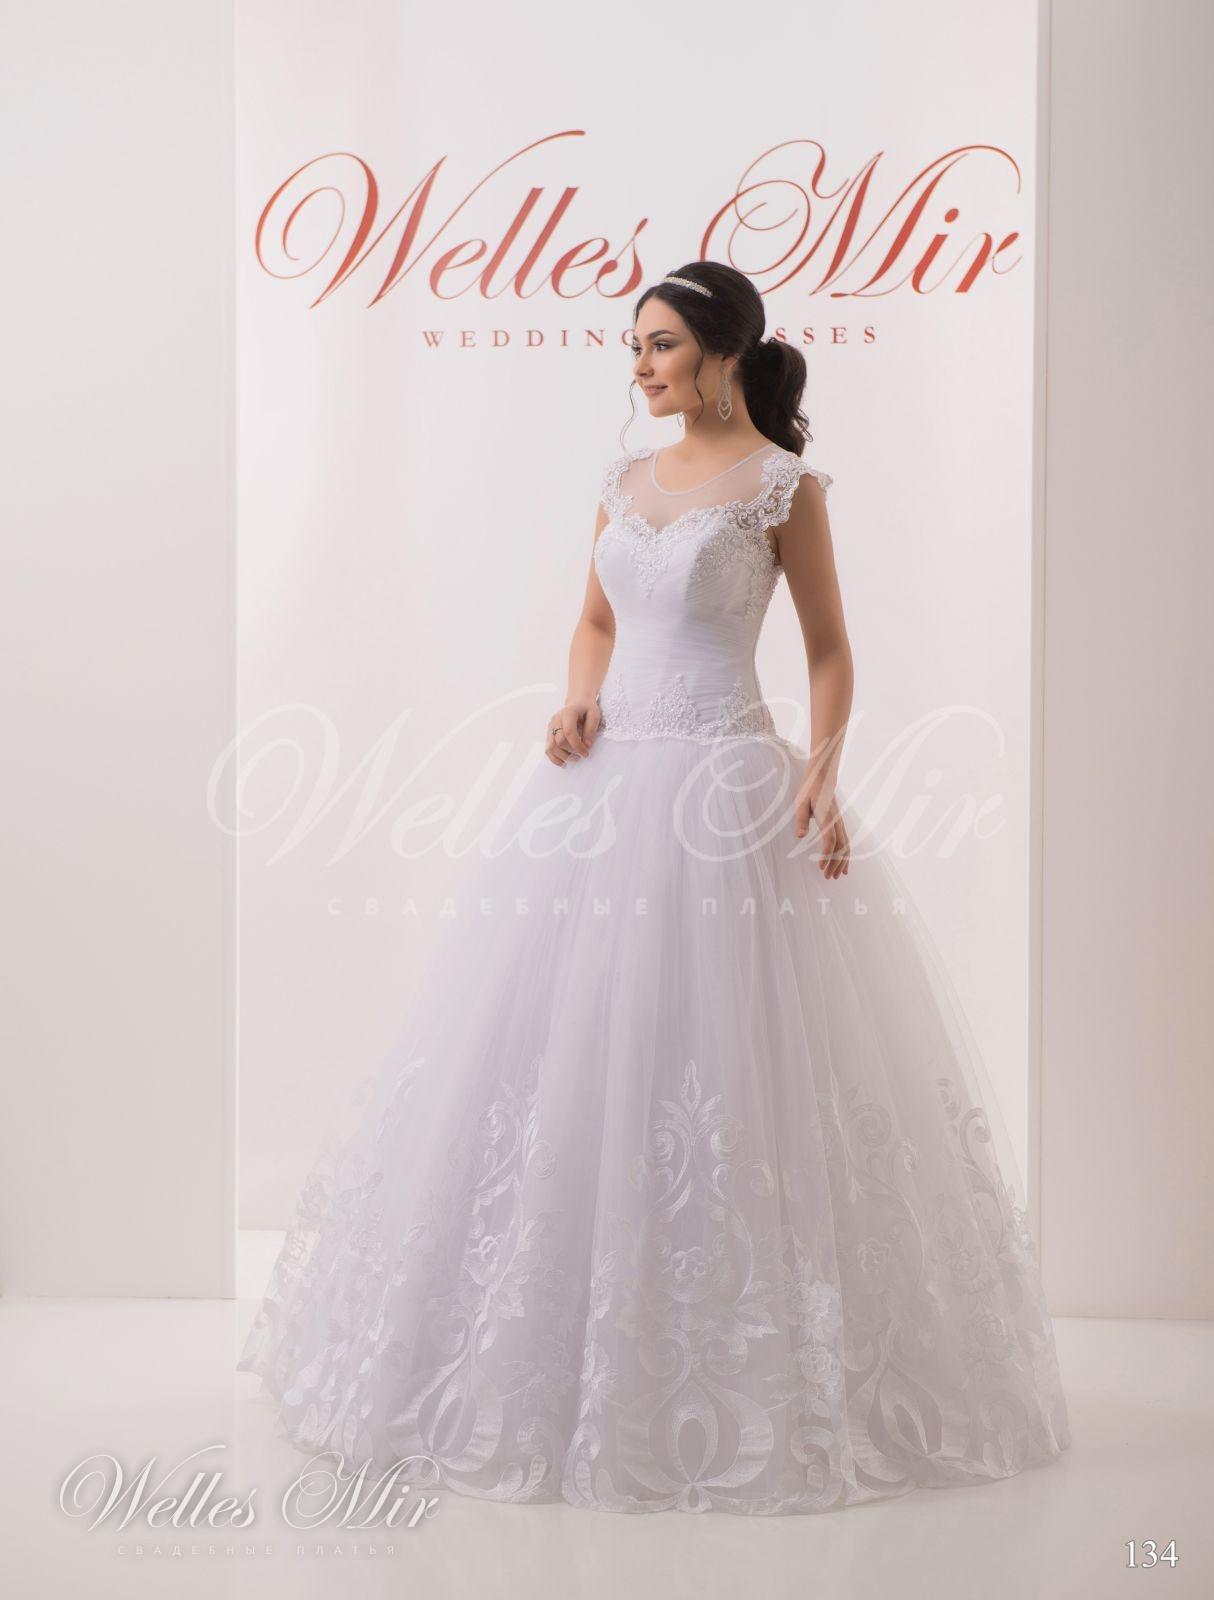 Свадебные платья Soft collection - 134